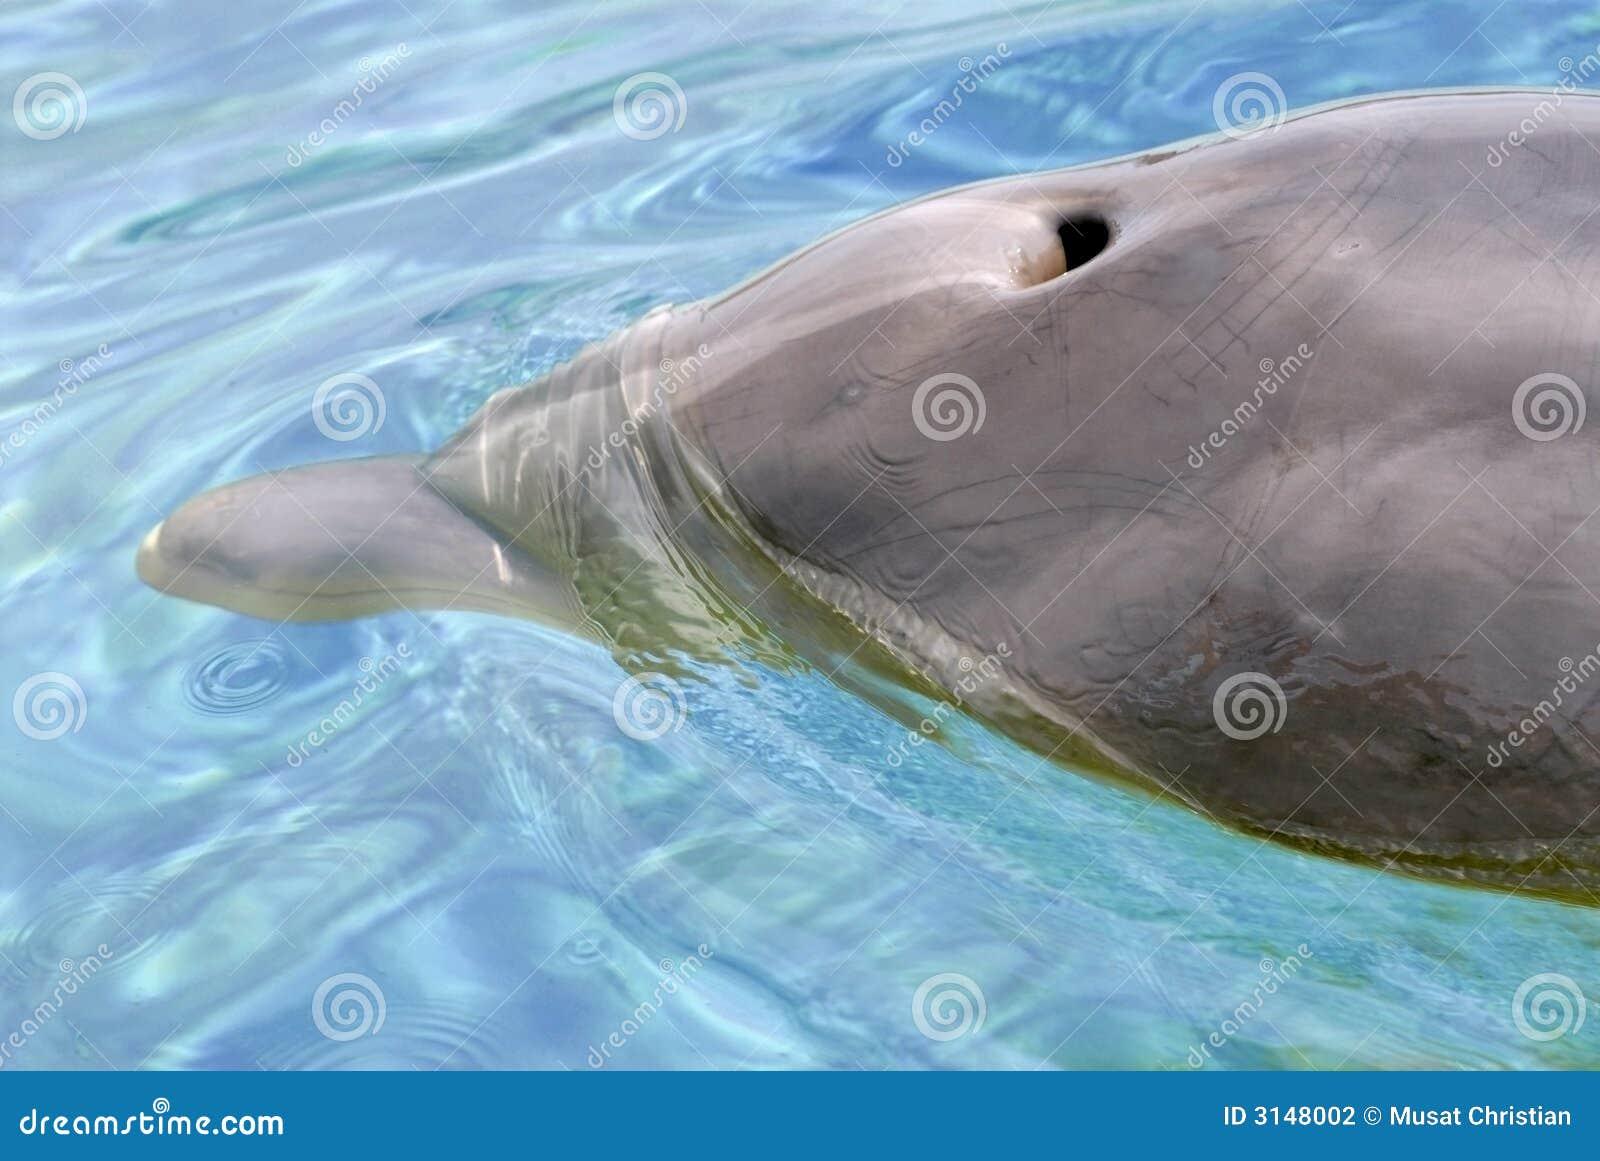 Foro del colpo del delfino